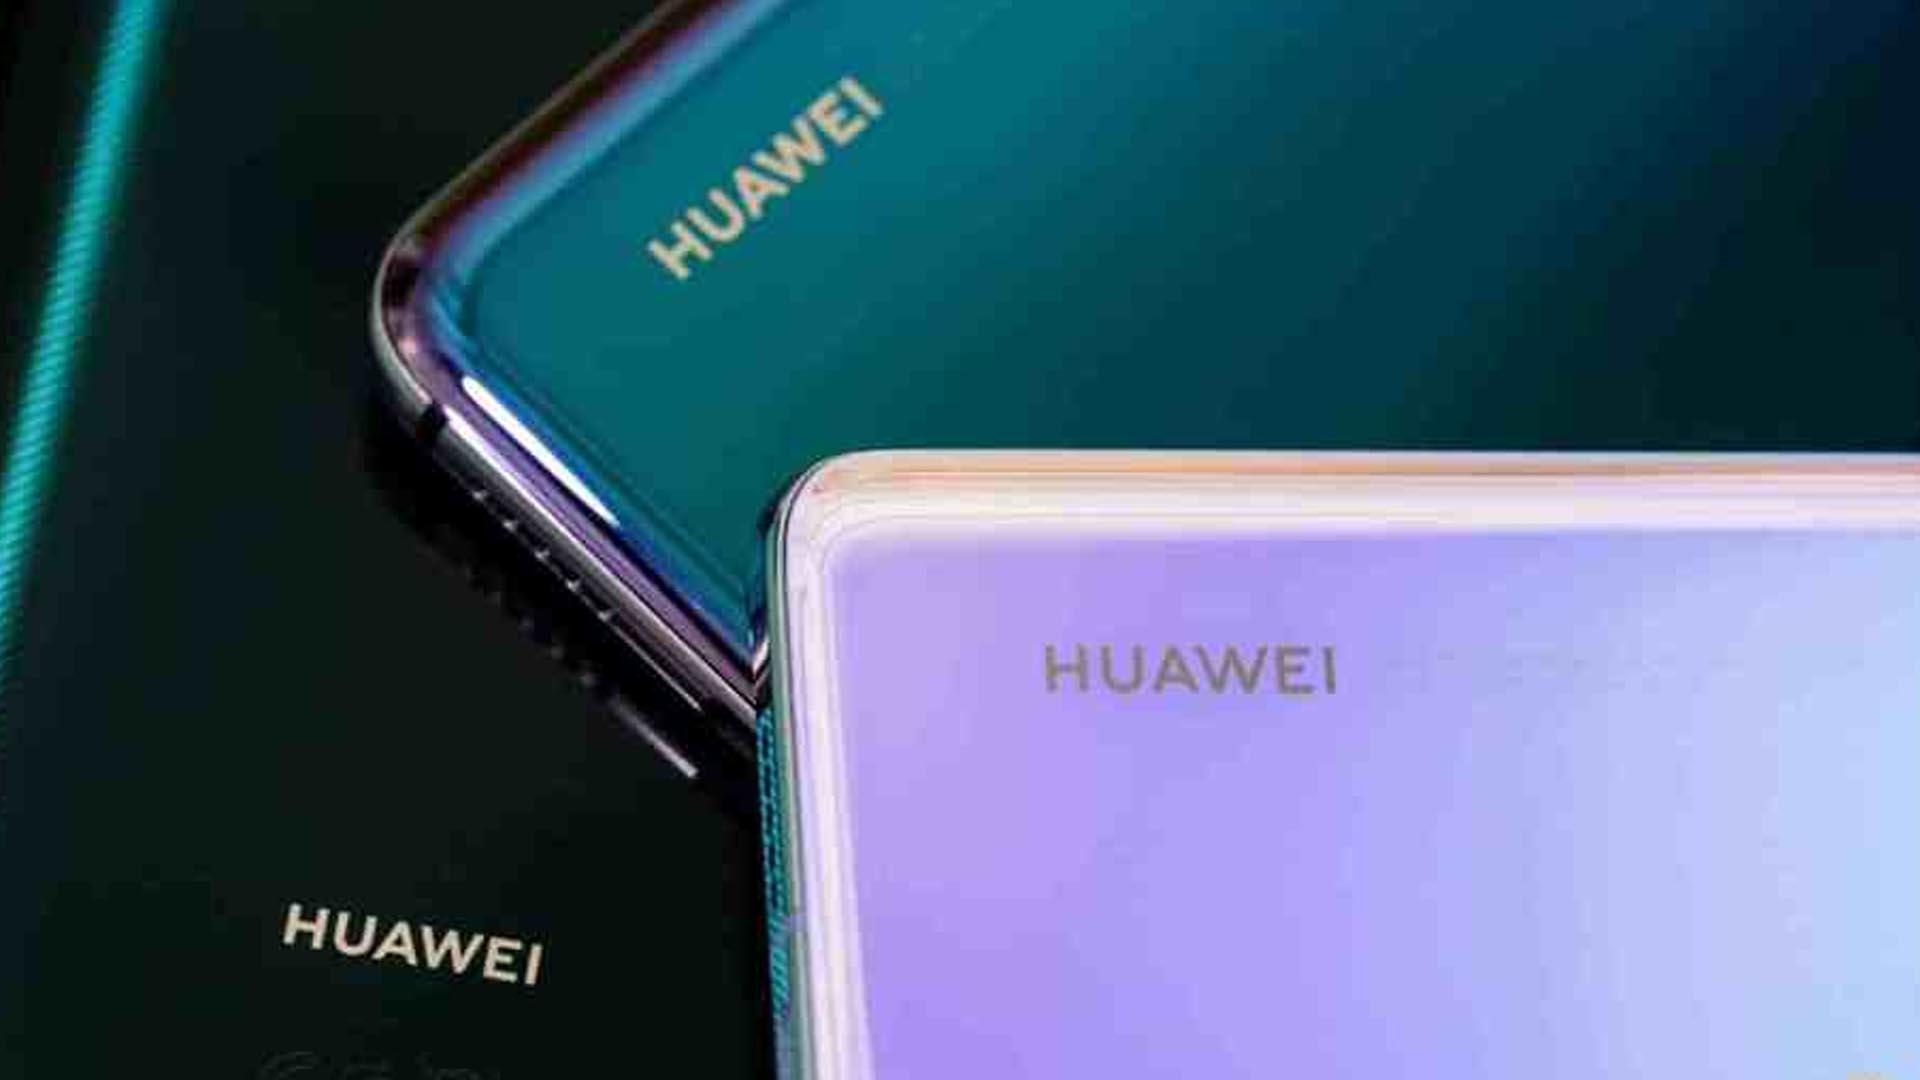 Çin devi Huawei'nin yeni modellerinde artık Google uygulamaları olmayacak